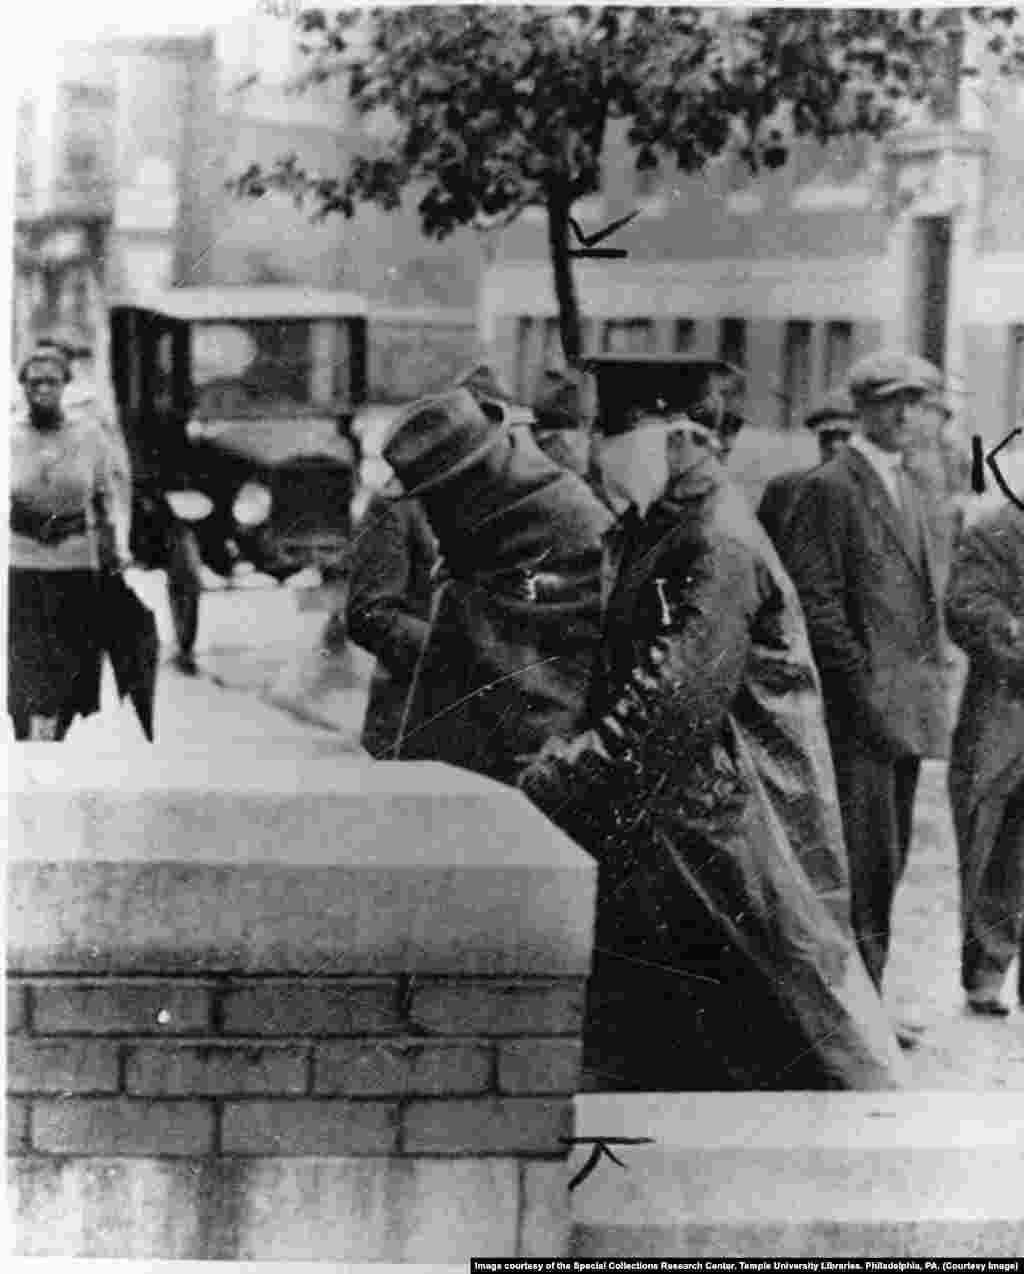 Полицейский сопровождает больного испанкой в больницу в Филадельфии, октябрь 1918 года